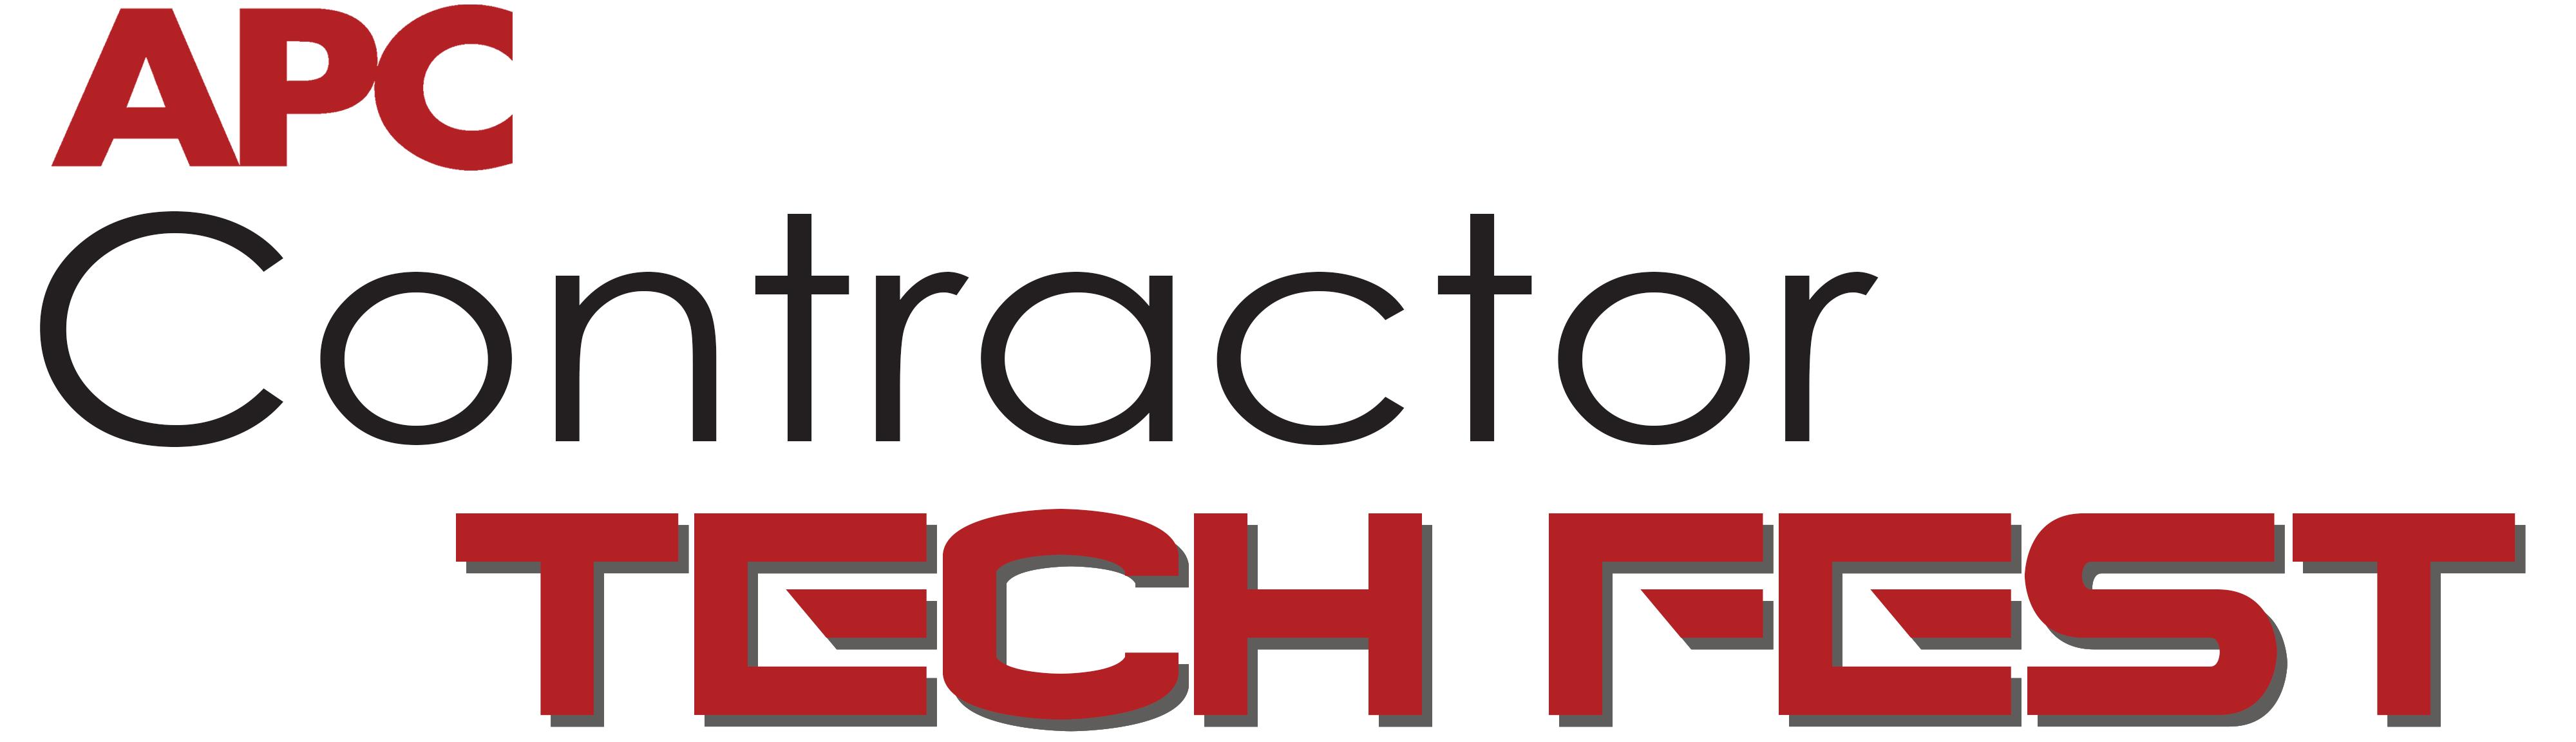 APC Contractor Tech Fest